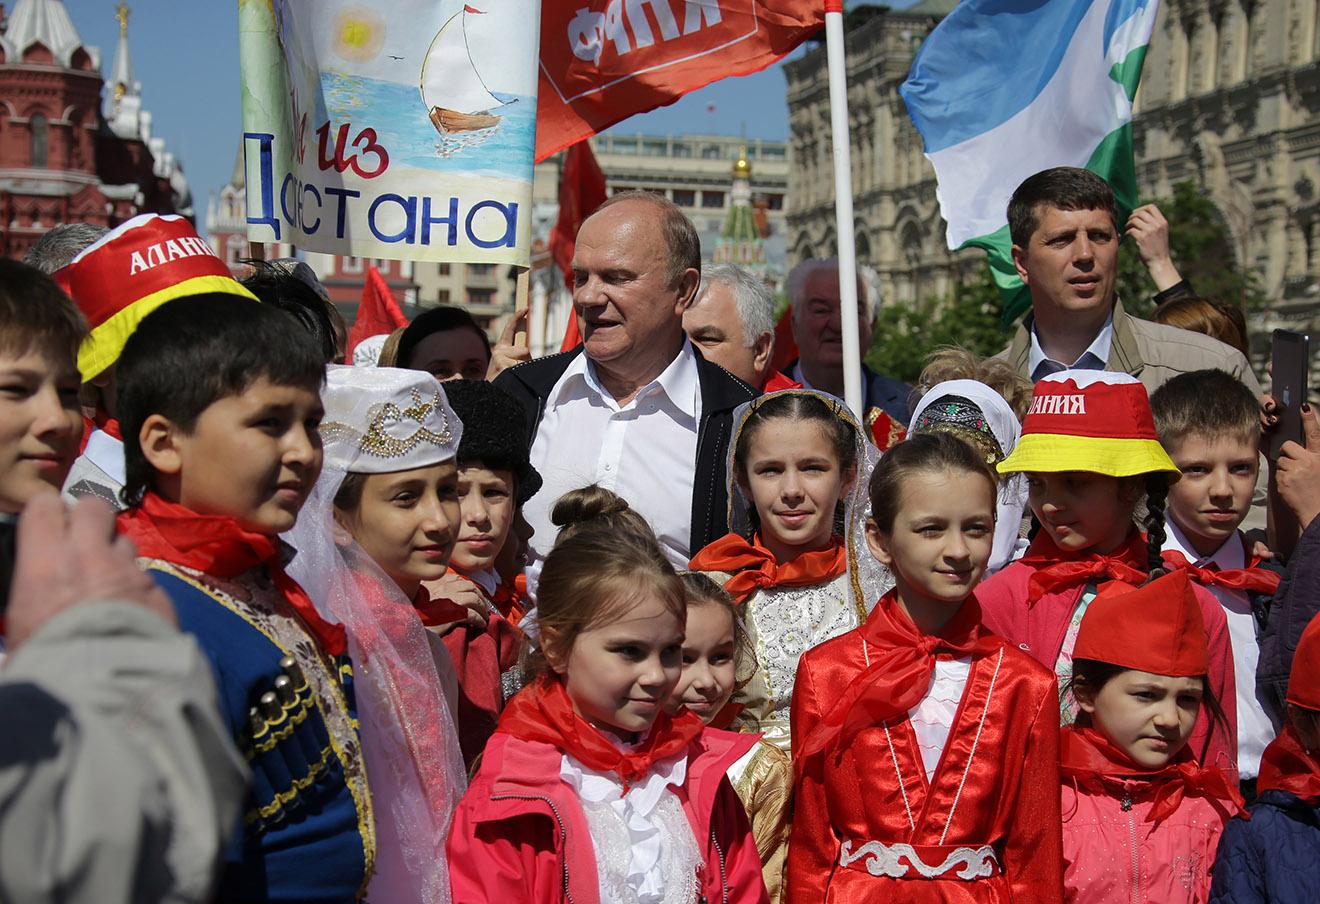 Геннадий Зюганов (в центре) во время торжественного приема в пионеры на Красной Площади, 2016 год.